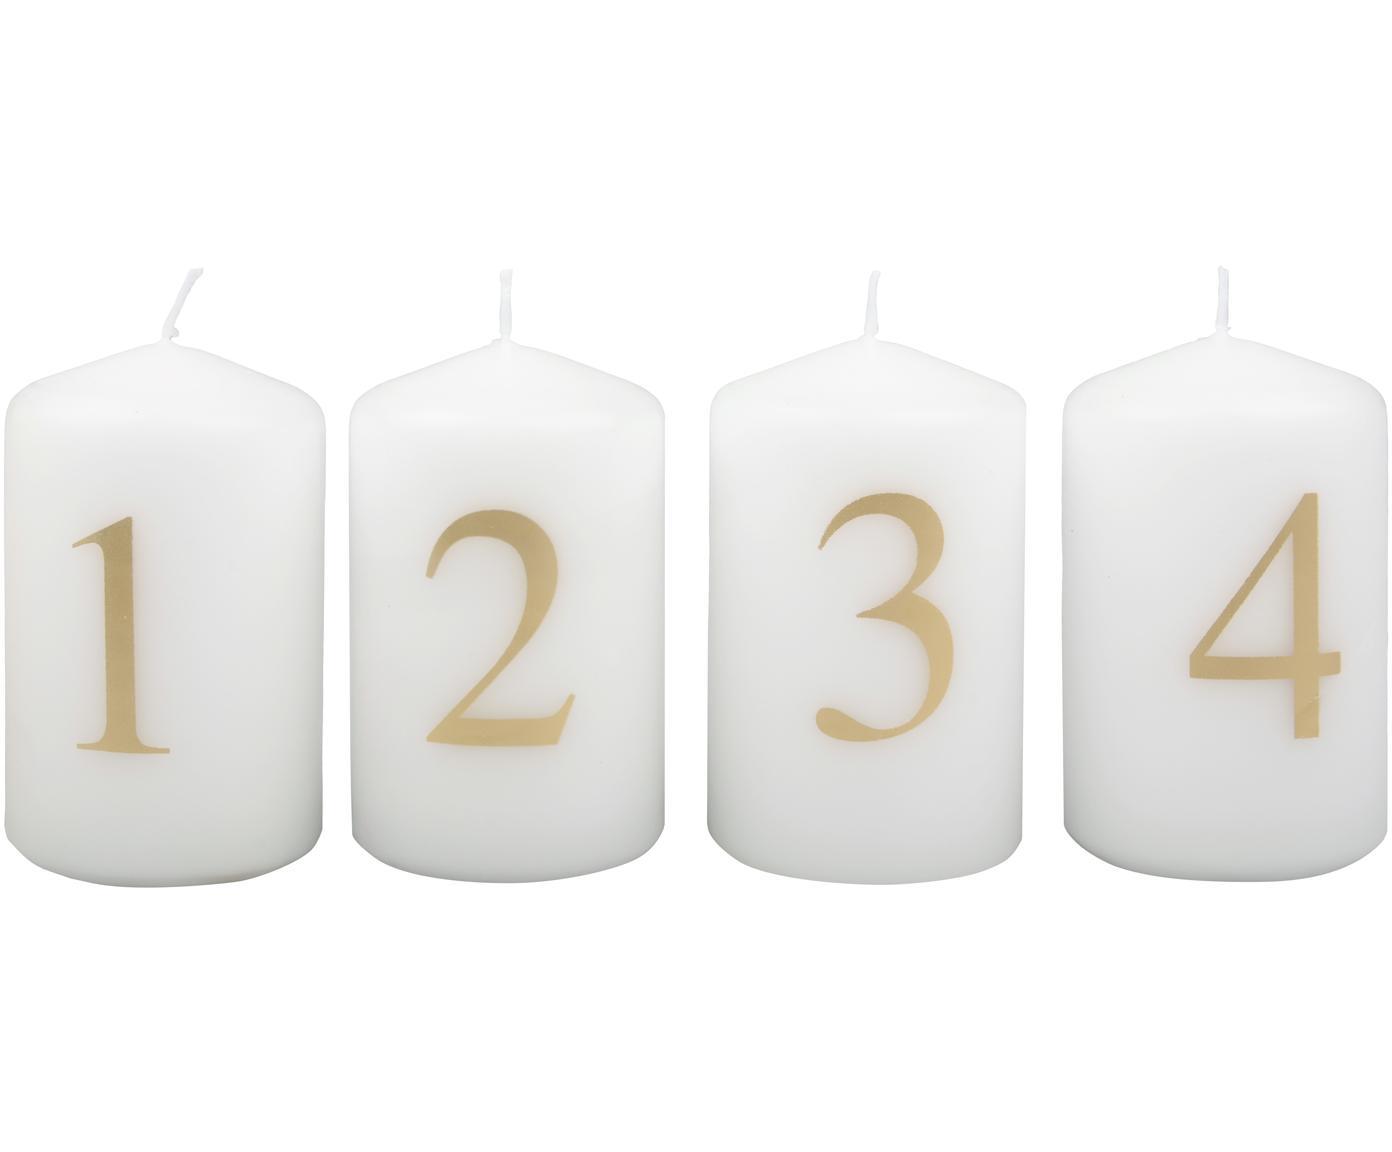 Komplet świec pieńkowych Aven, 4 elem., Parafina, Biały, złoty, Ø 6 x W 9 cm